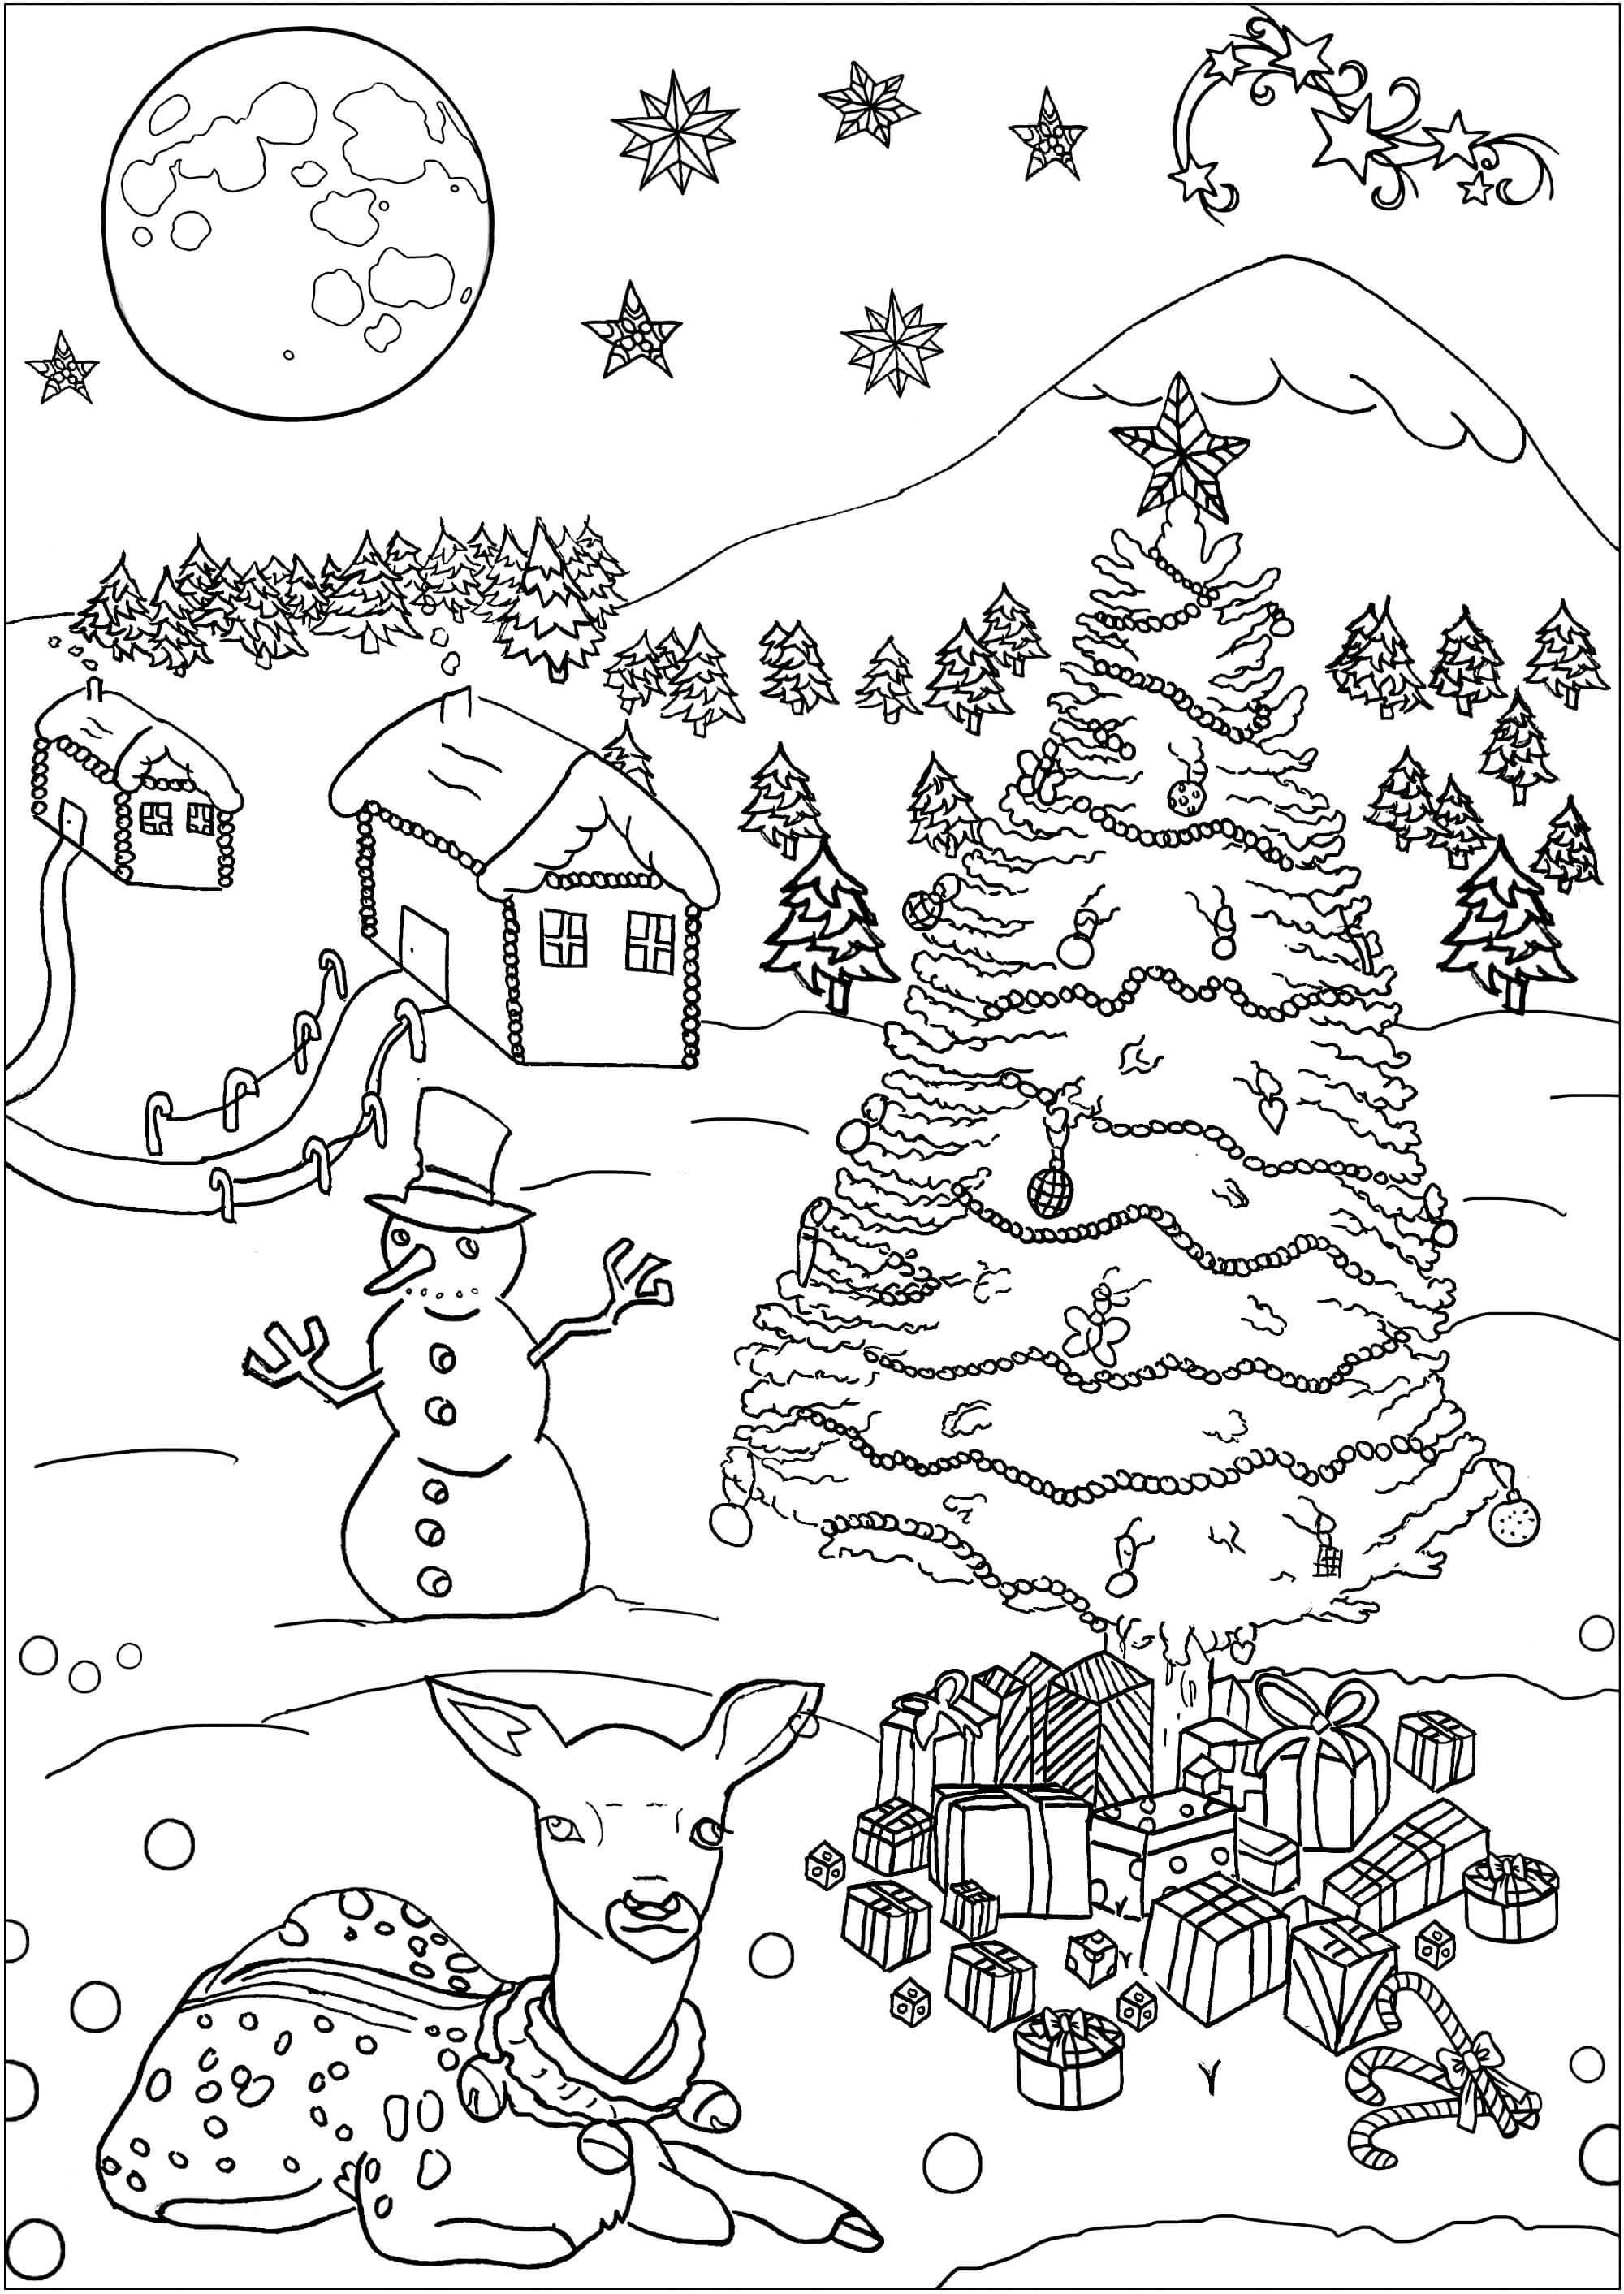 Раскраска Сказочно красивый зимний лес